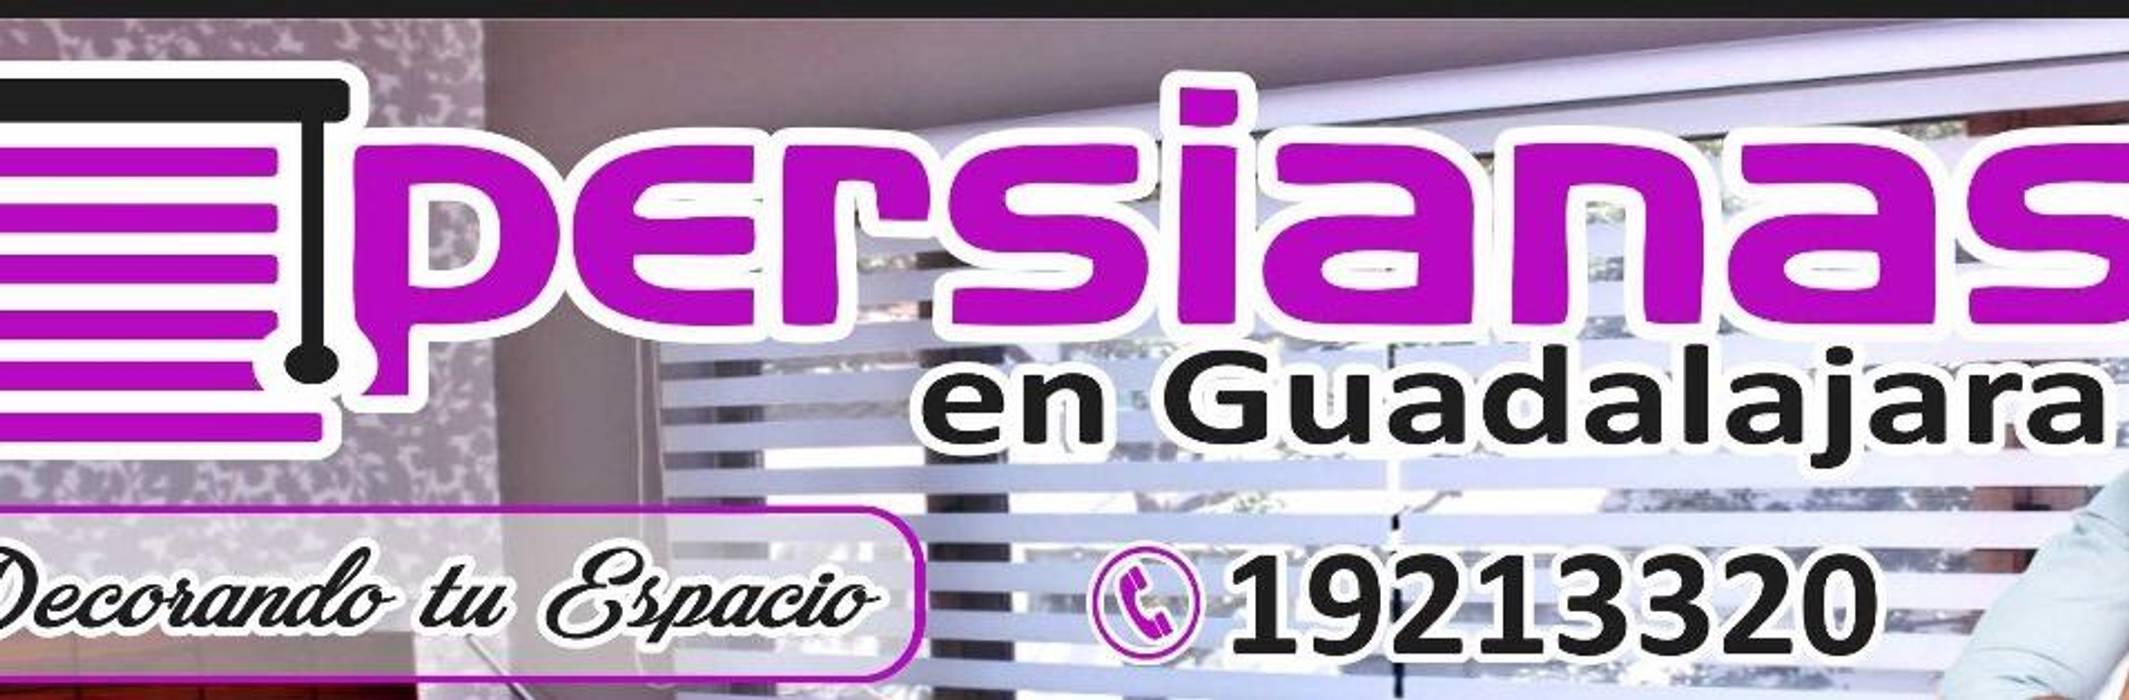 Persianas en Guadalajara Gdl Shutters White